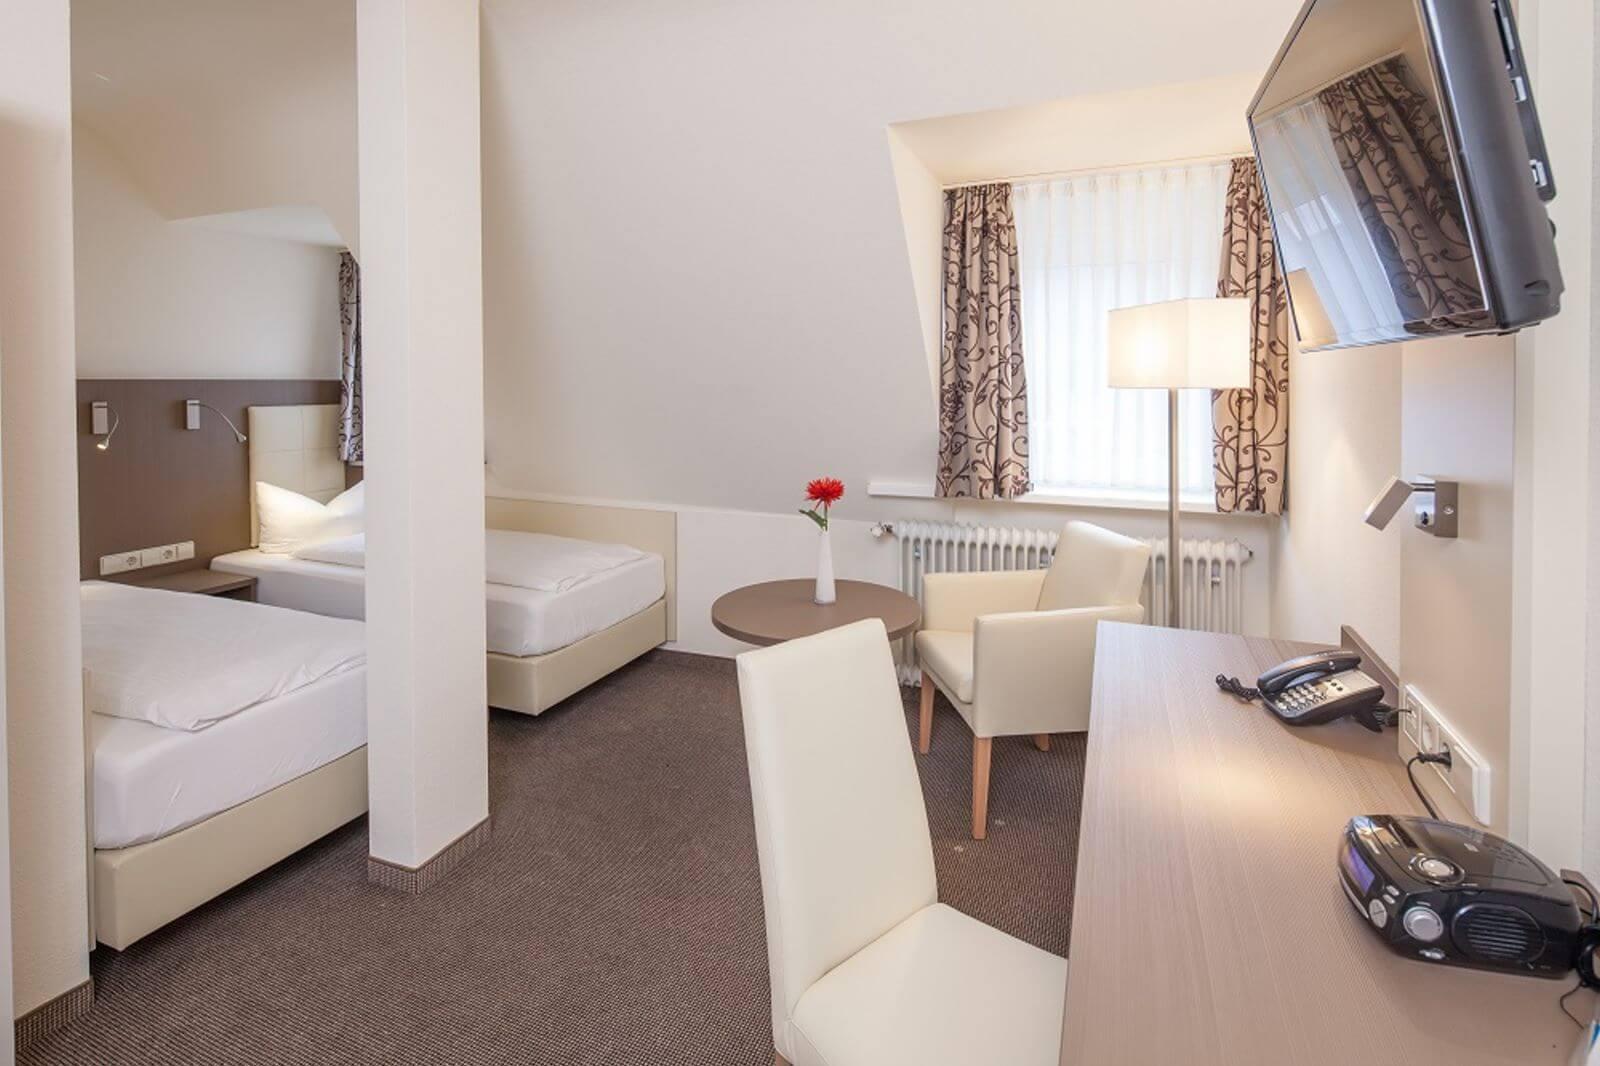 twinbettzimmer-zweibettzimmer-hotel-garni-pension-freiburg-cityhotel-innenstadt-guenstig (2)